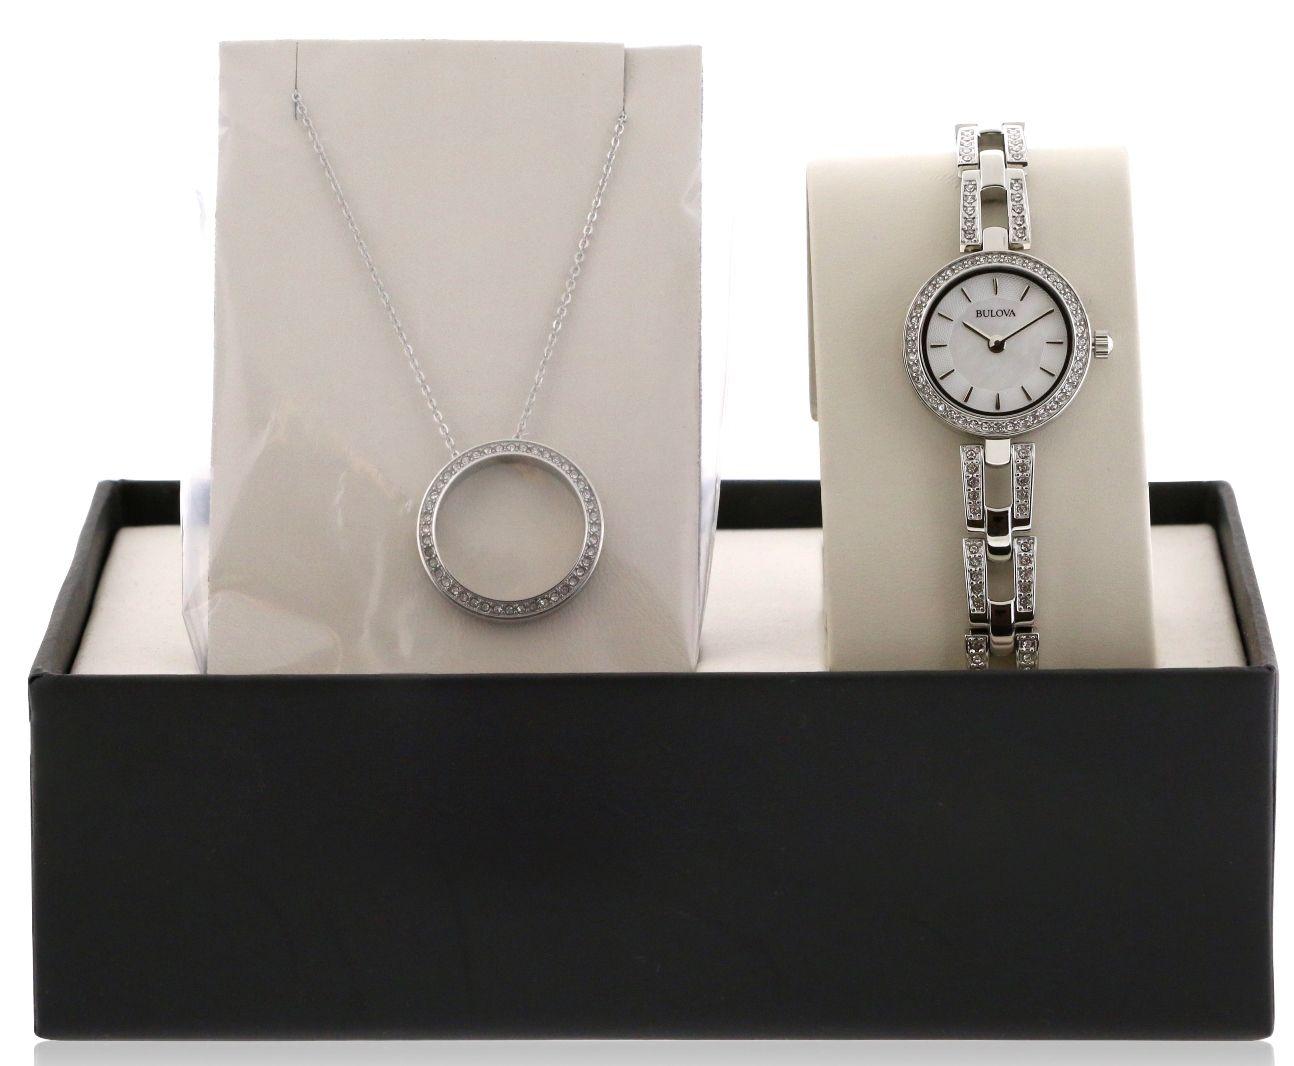 Cận cảnh chiếc đồng hồ Bulova 96X130